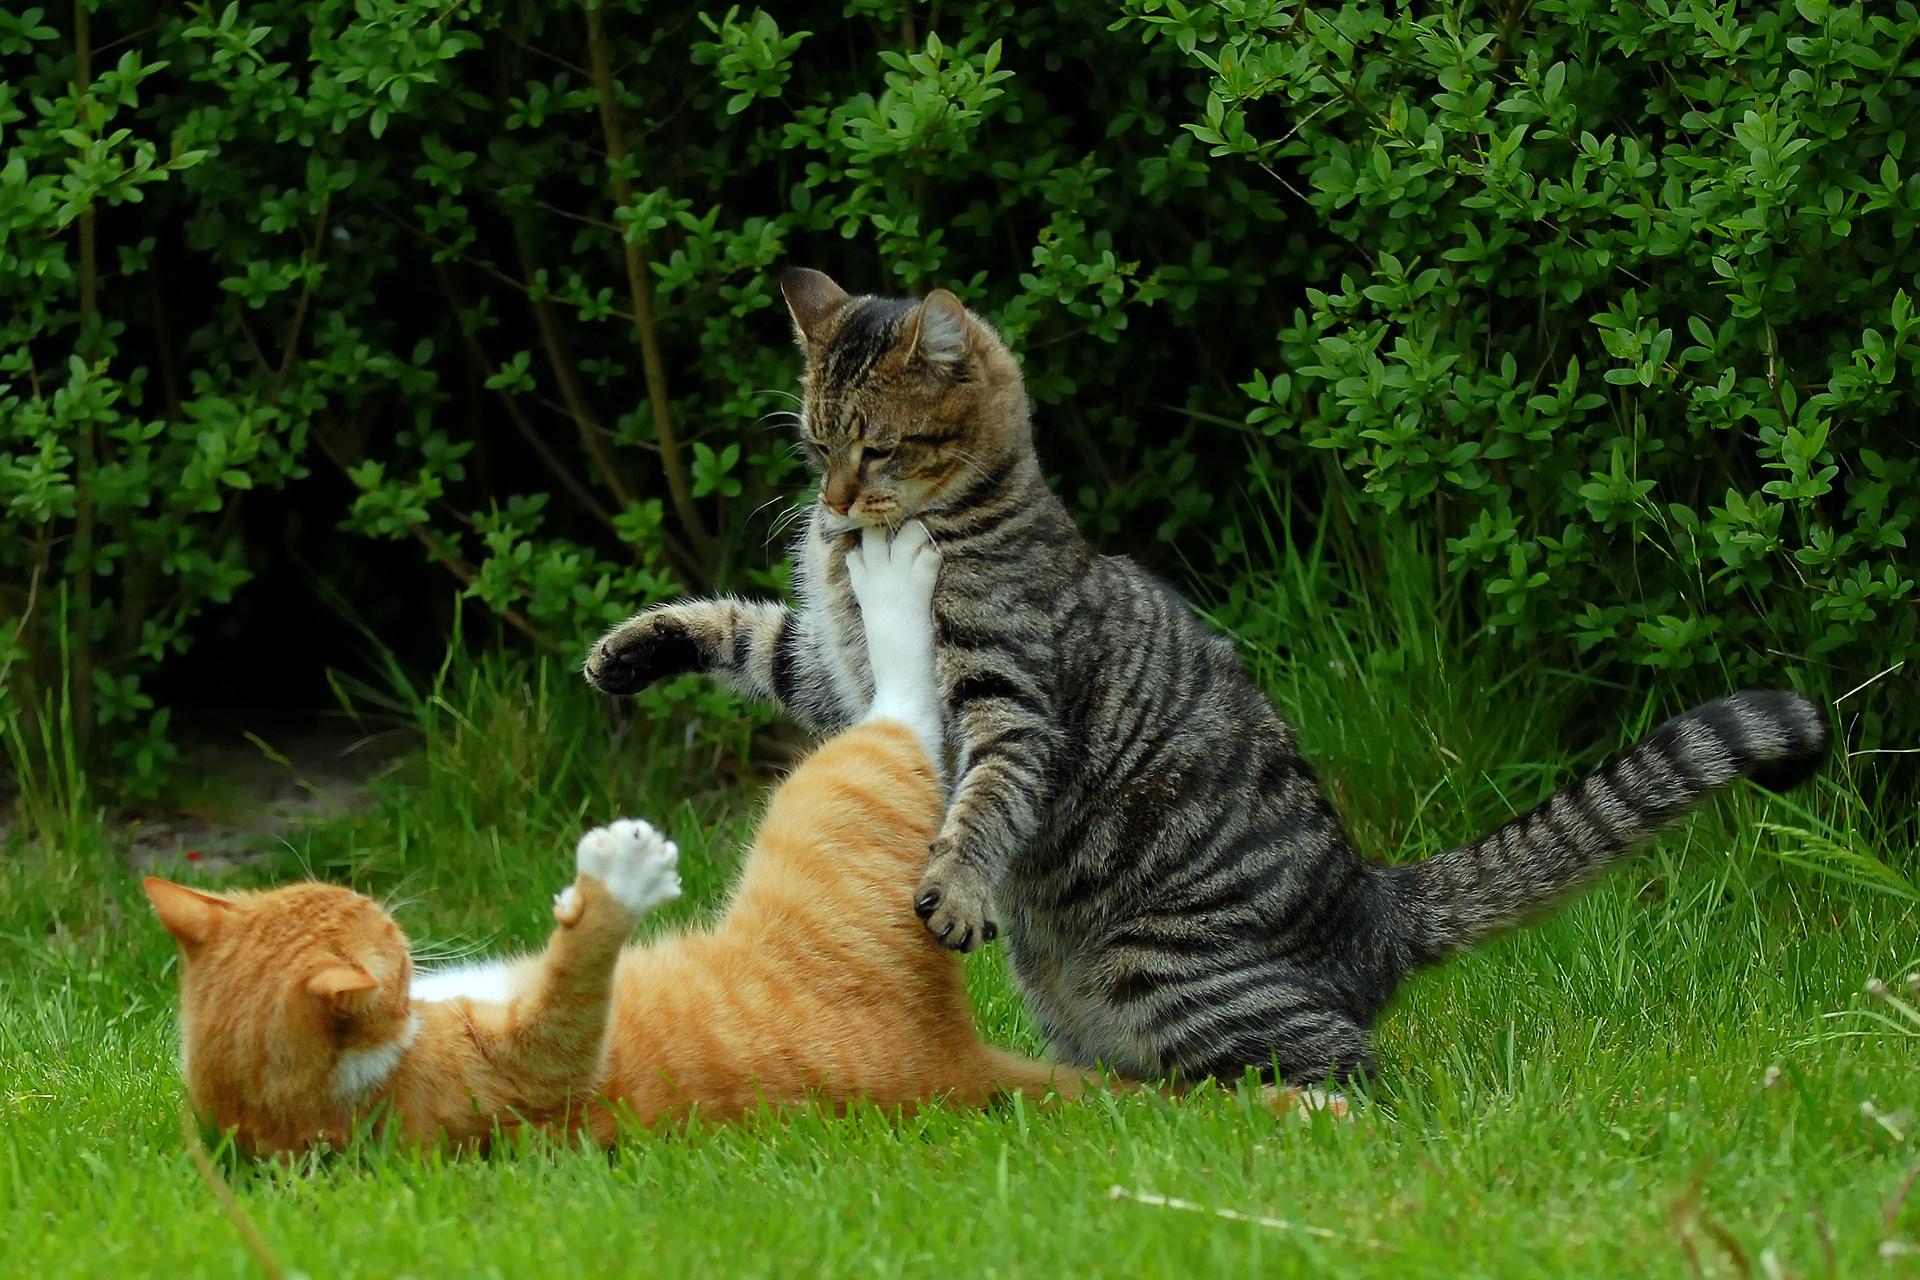 Котенок играющий с кошкой в траве  № 1994988 бесплатно